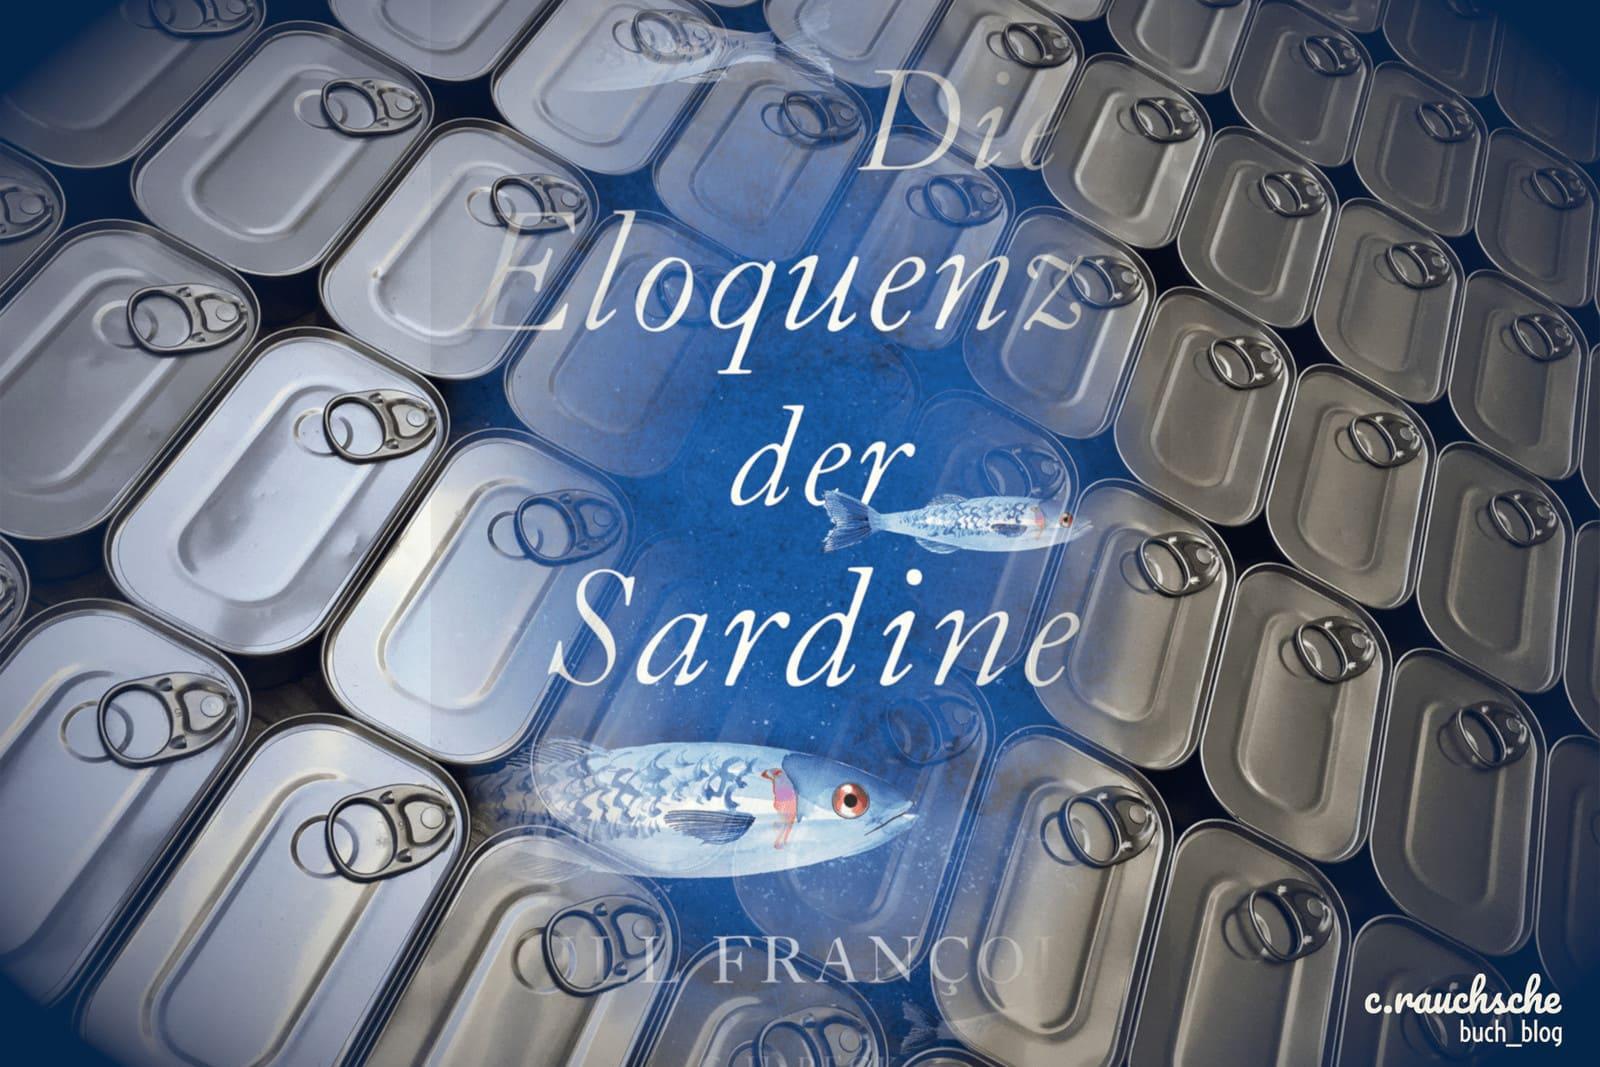 ozean | die eloquenz der sardinen | bill francois